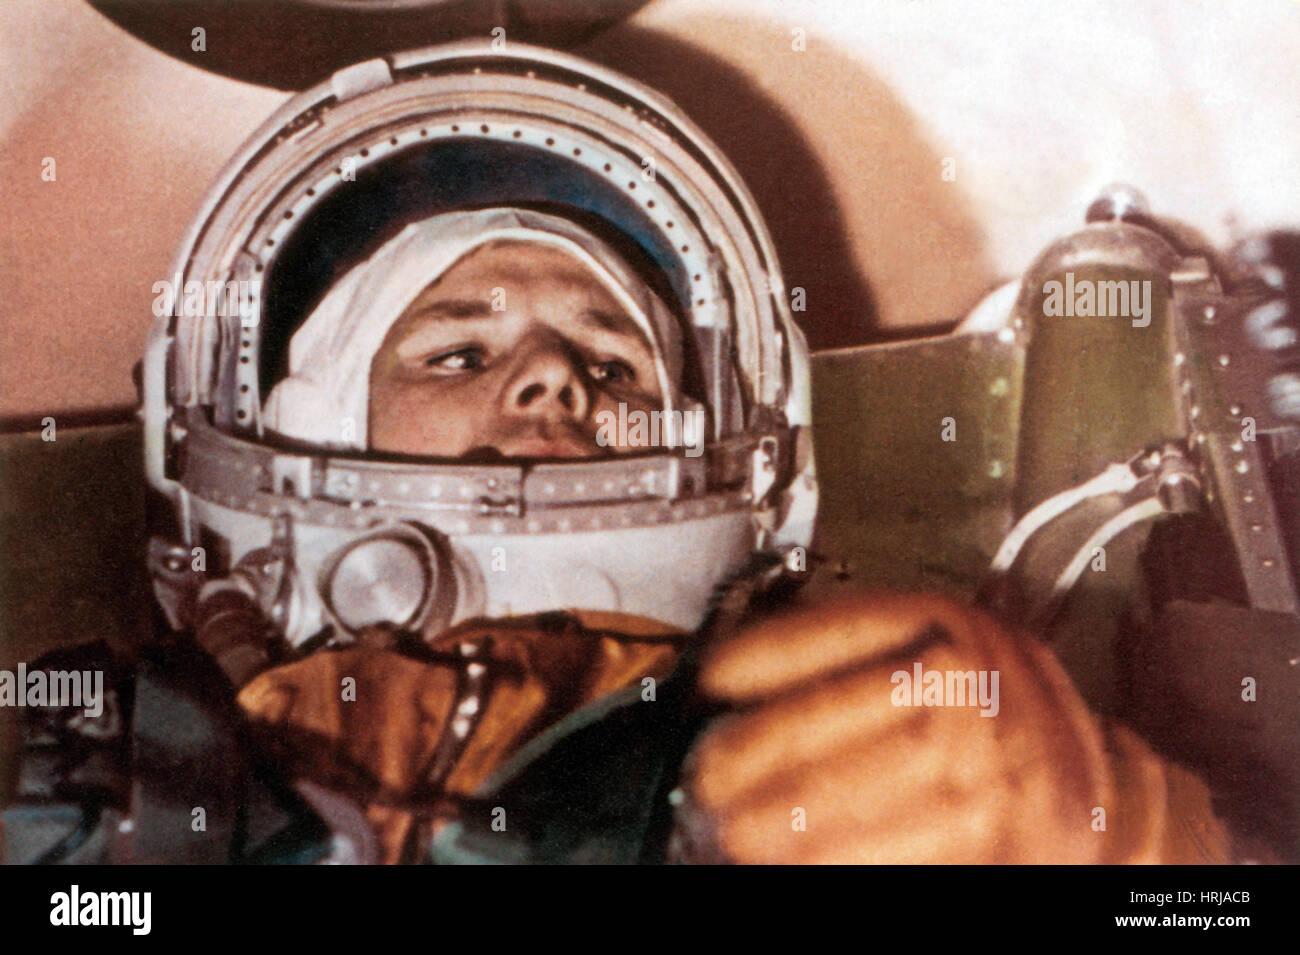 Yuri Gagarin, Vostok 1 Capsule, 1961 - Stock Image